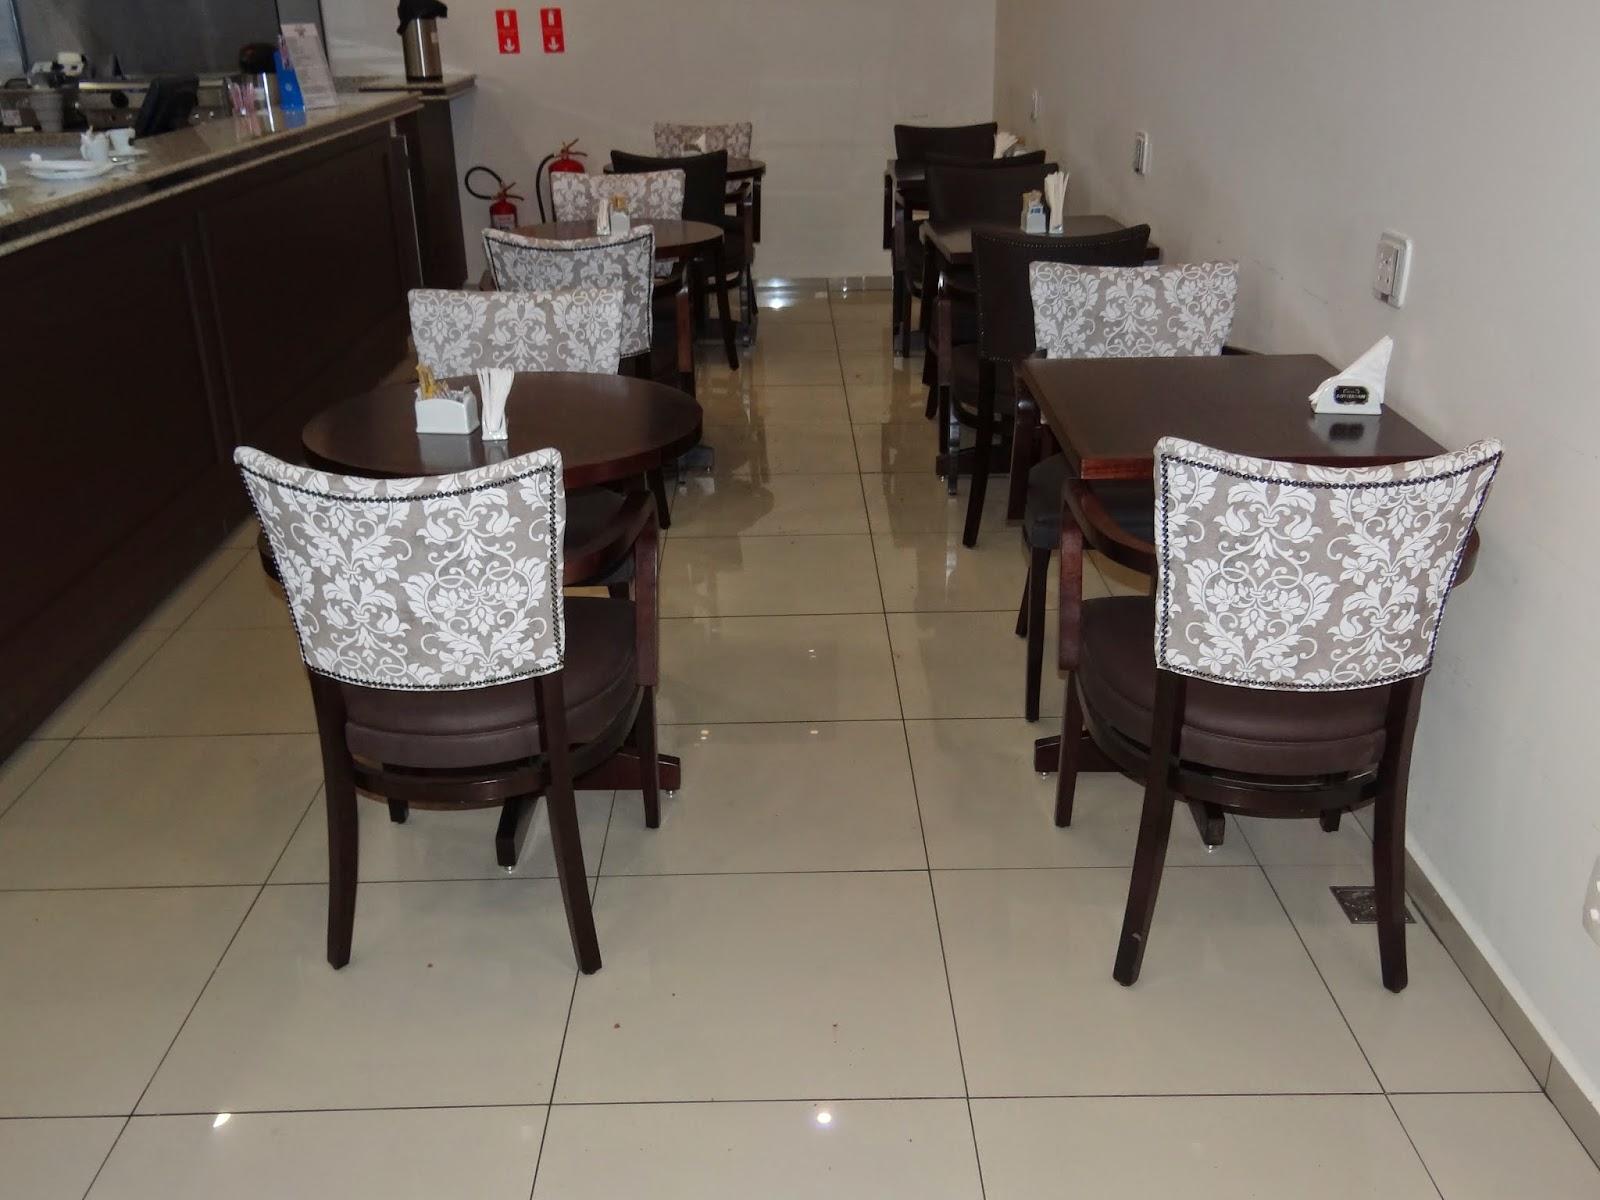 Dellabruna mesas e cadeiras for Mesas para cafeteria